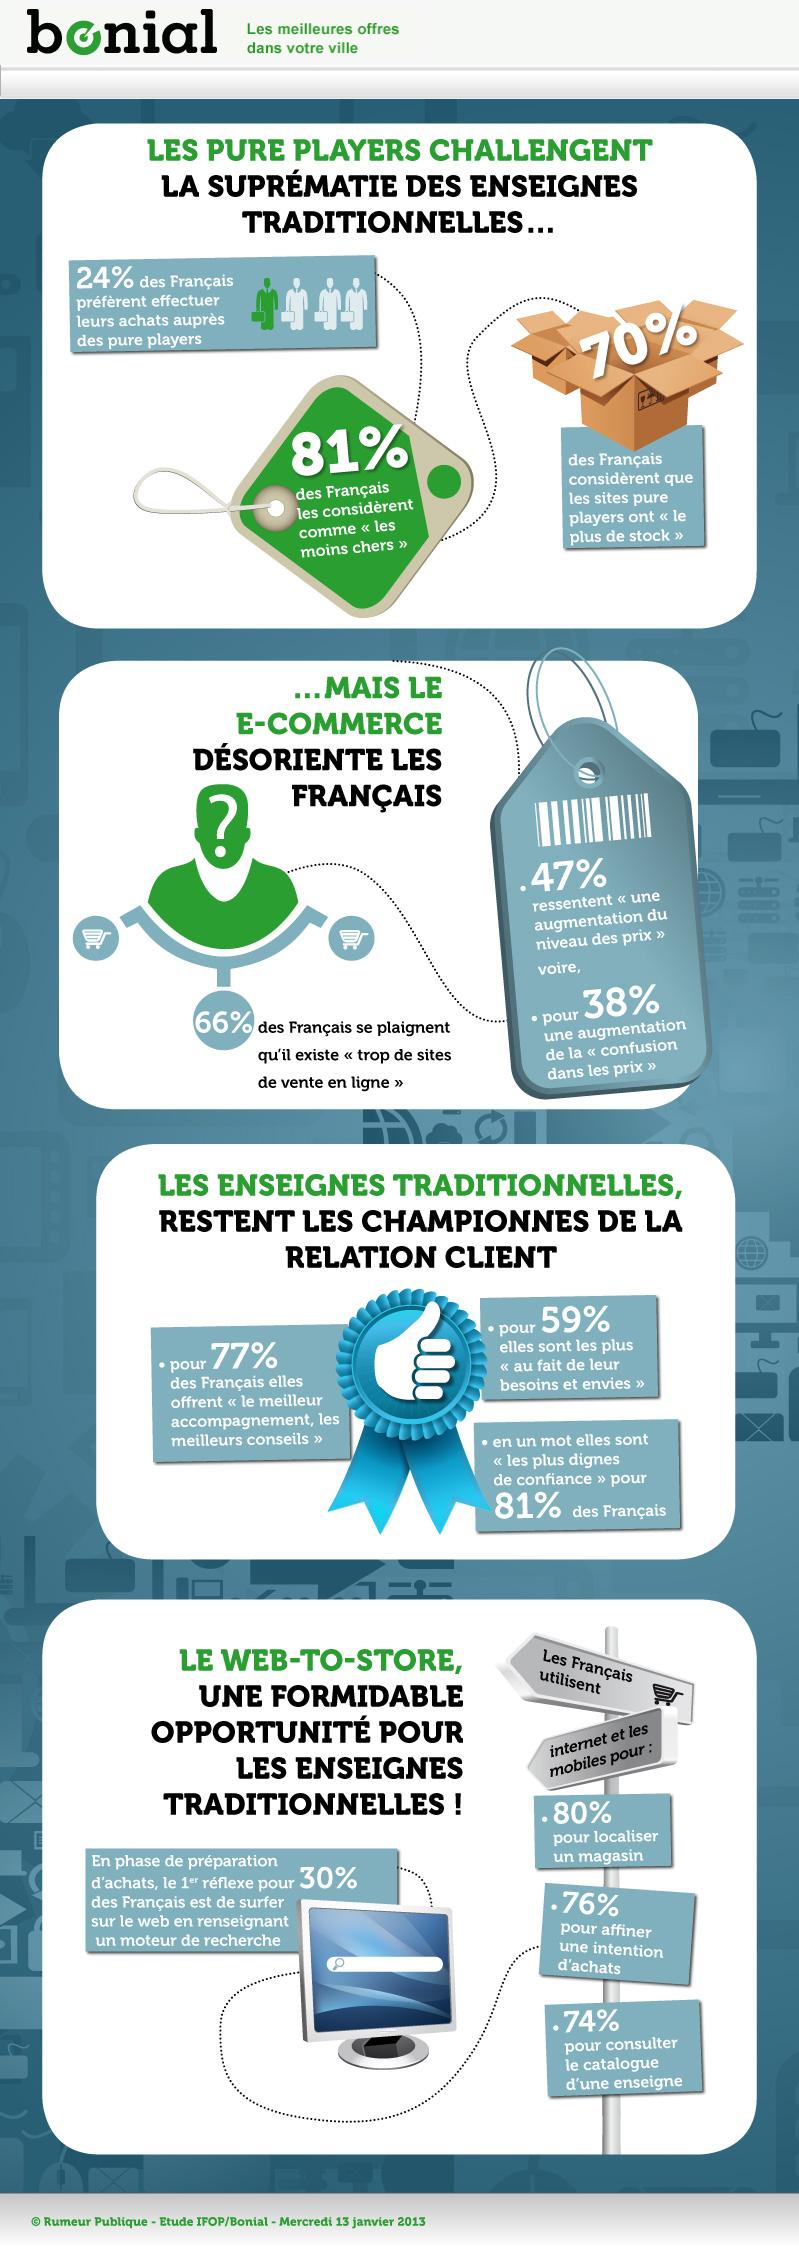 Les magasins brick & mortar ont toujours les faveurs des consommateurs français.